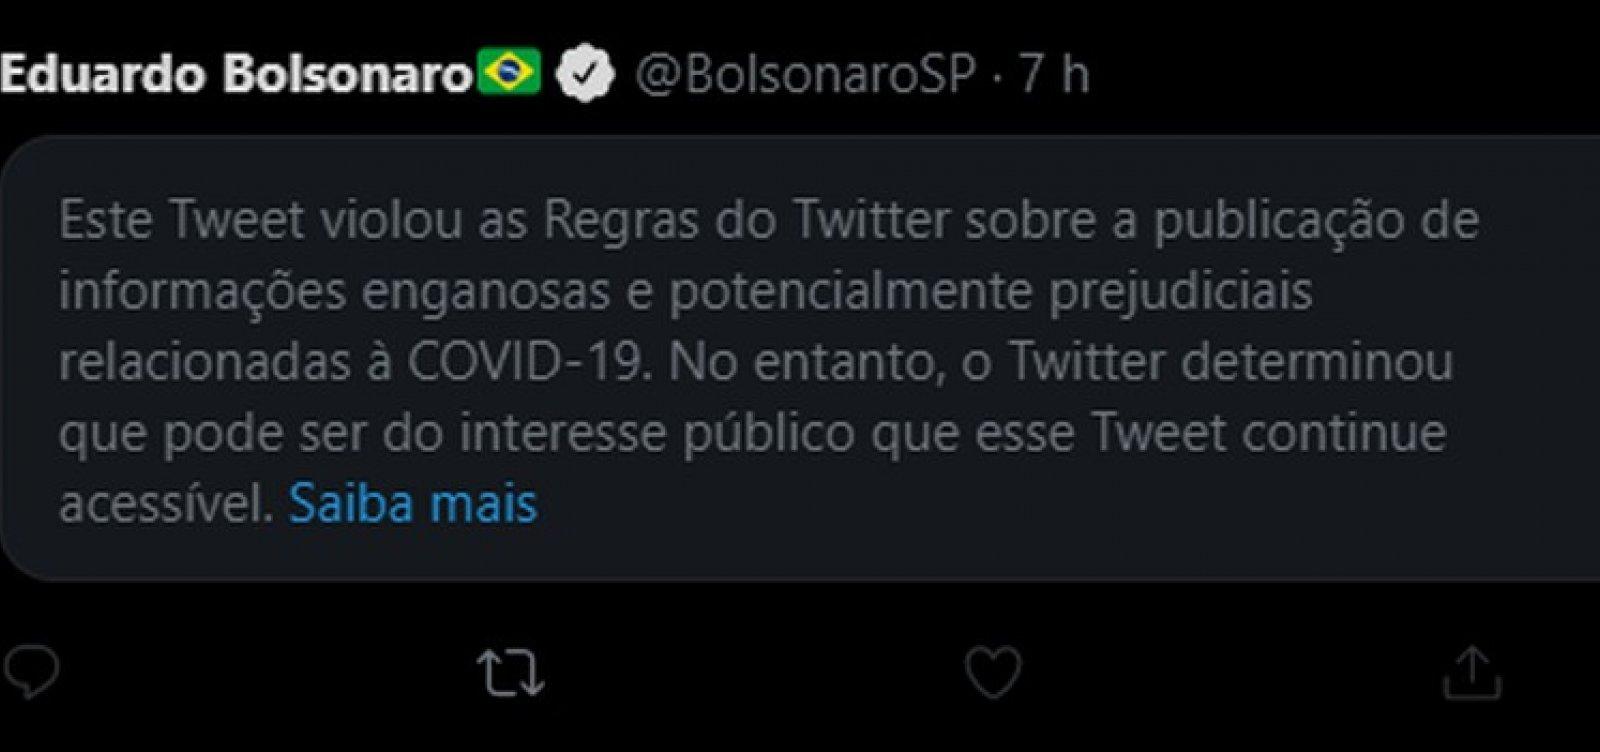 Twitter coloca aviso de publicação enganosa em post de Eduardo Bolsonaro sobre 'lockdown'